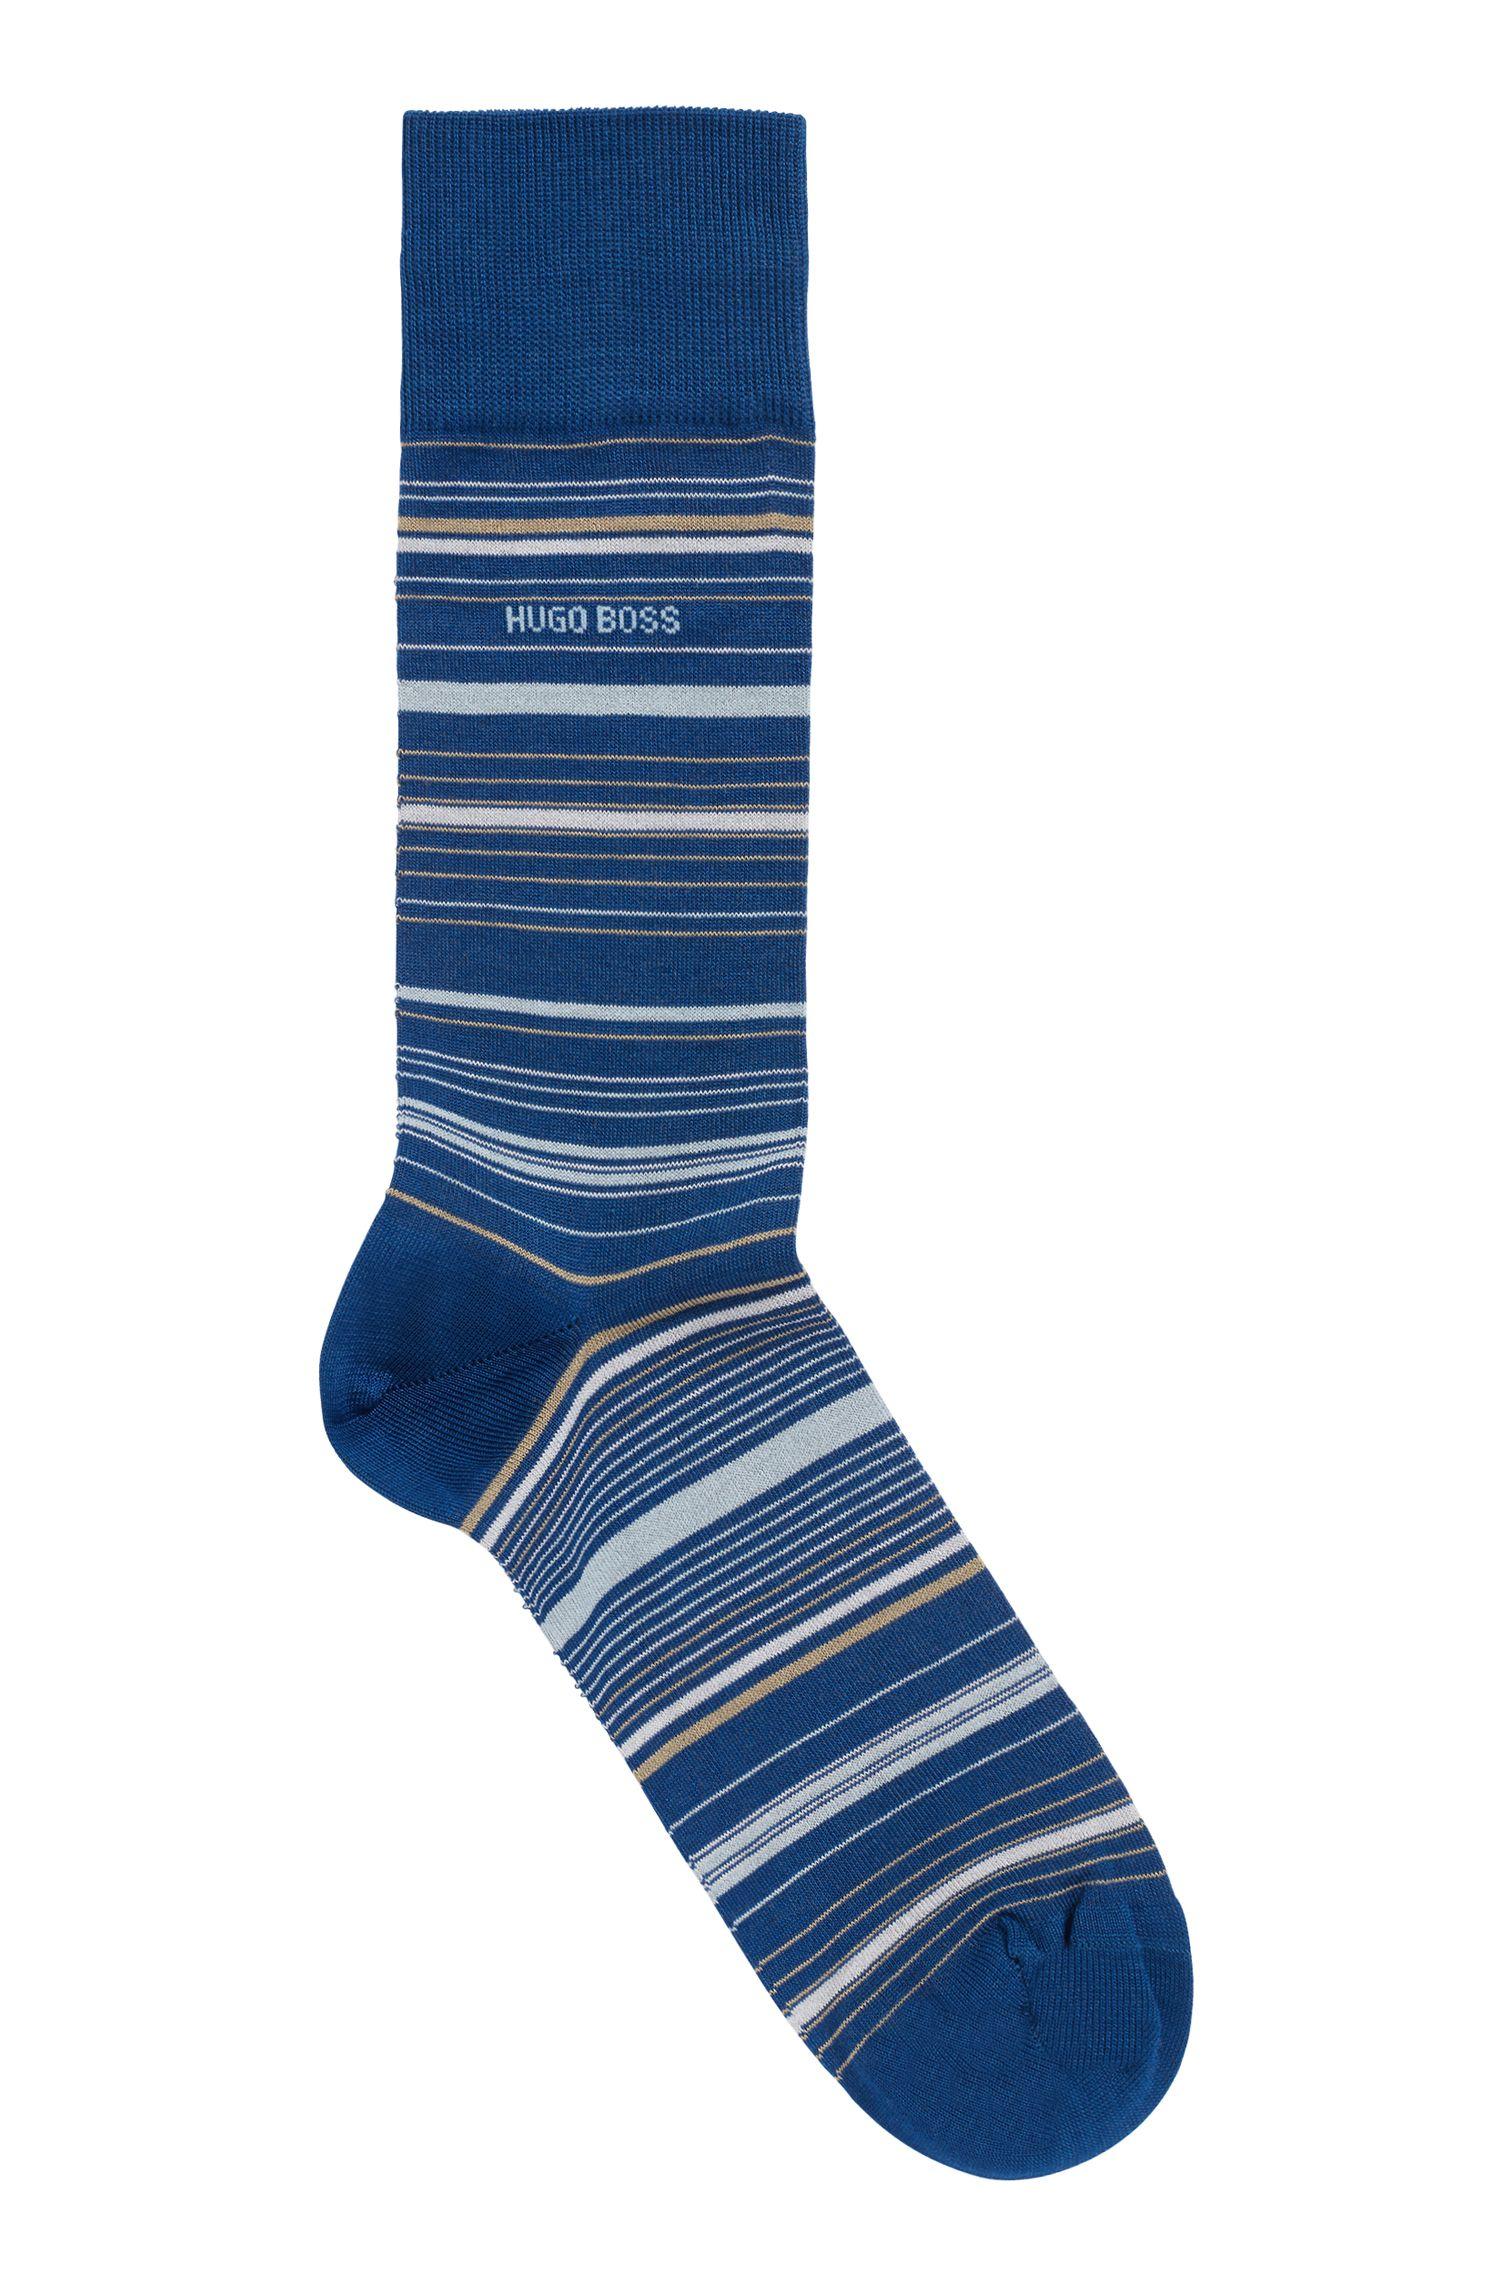 Gestreifte mittelhohe Socken aus merzerisiertem Baumwoll-Mix, Blau